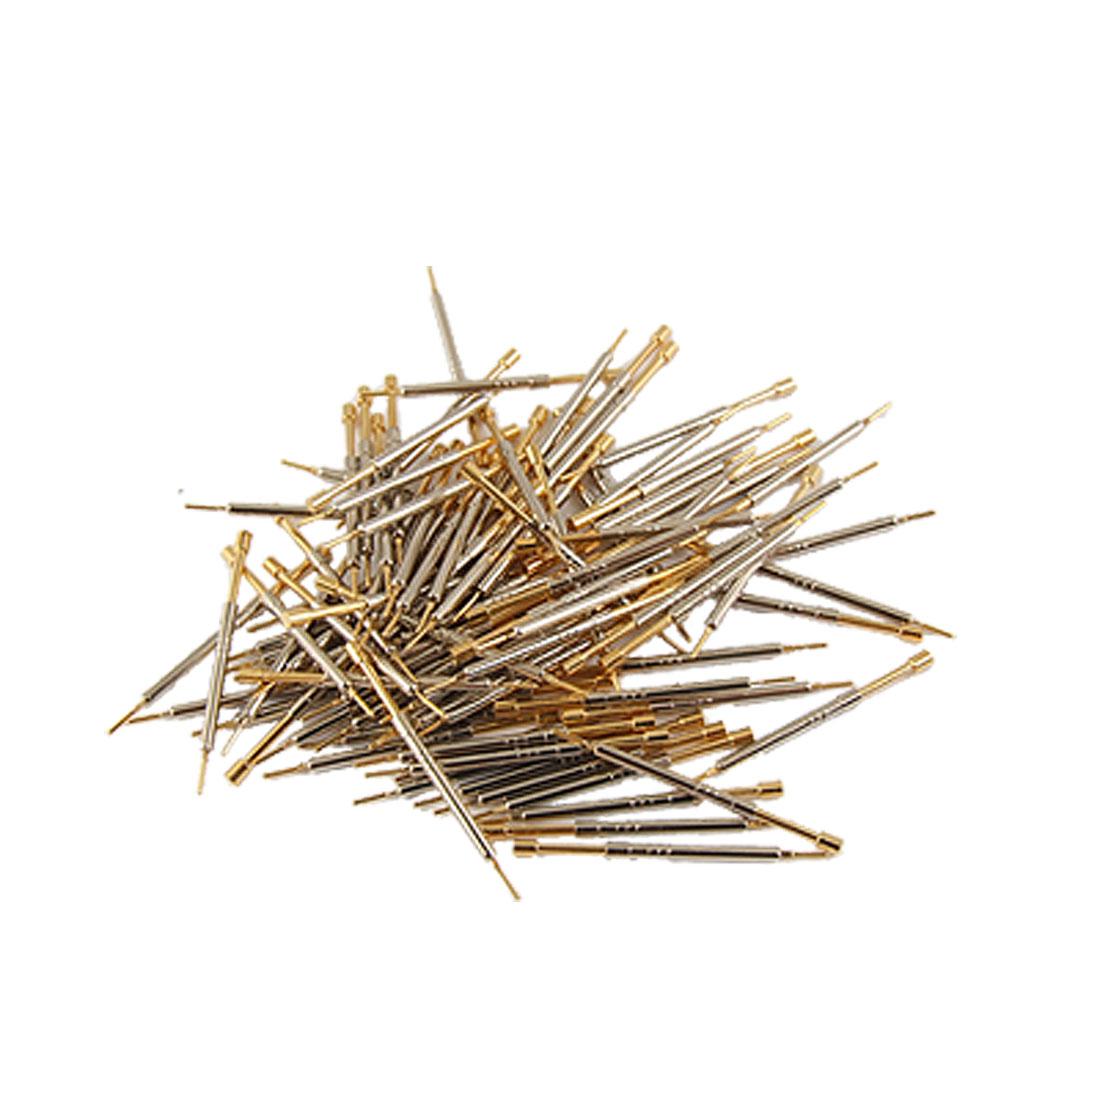 100 Pcs 1.3mm Diameter Flat Tip Spring Test Probes Pin